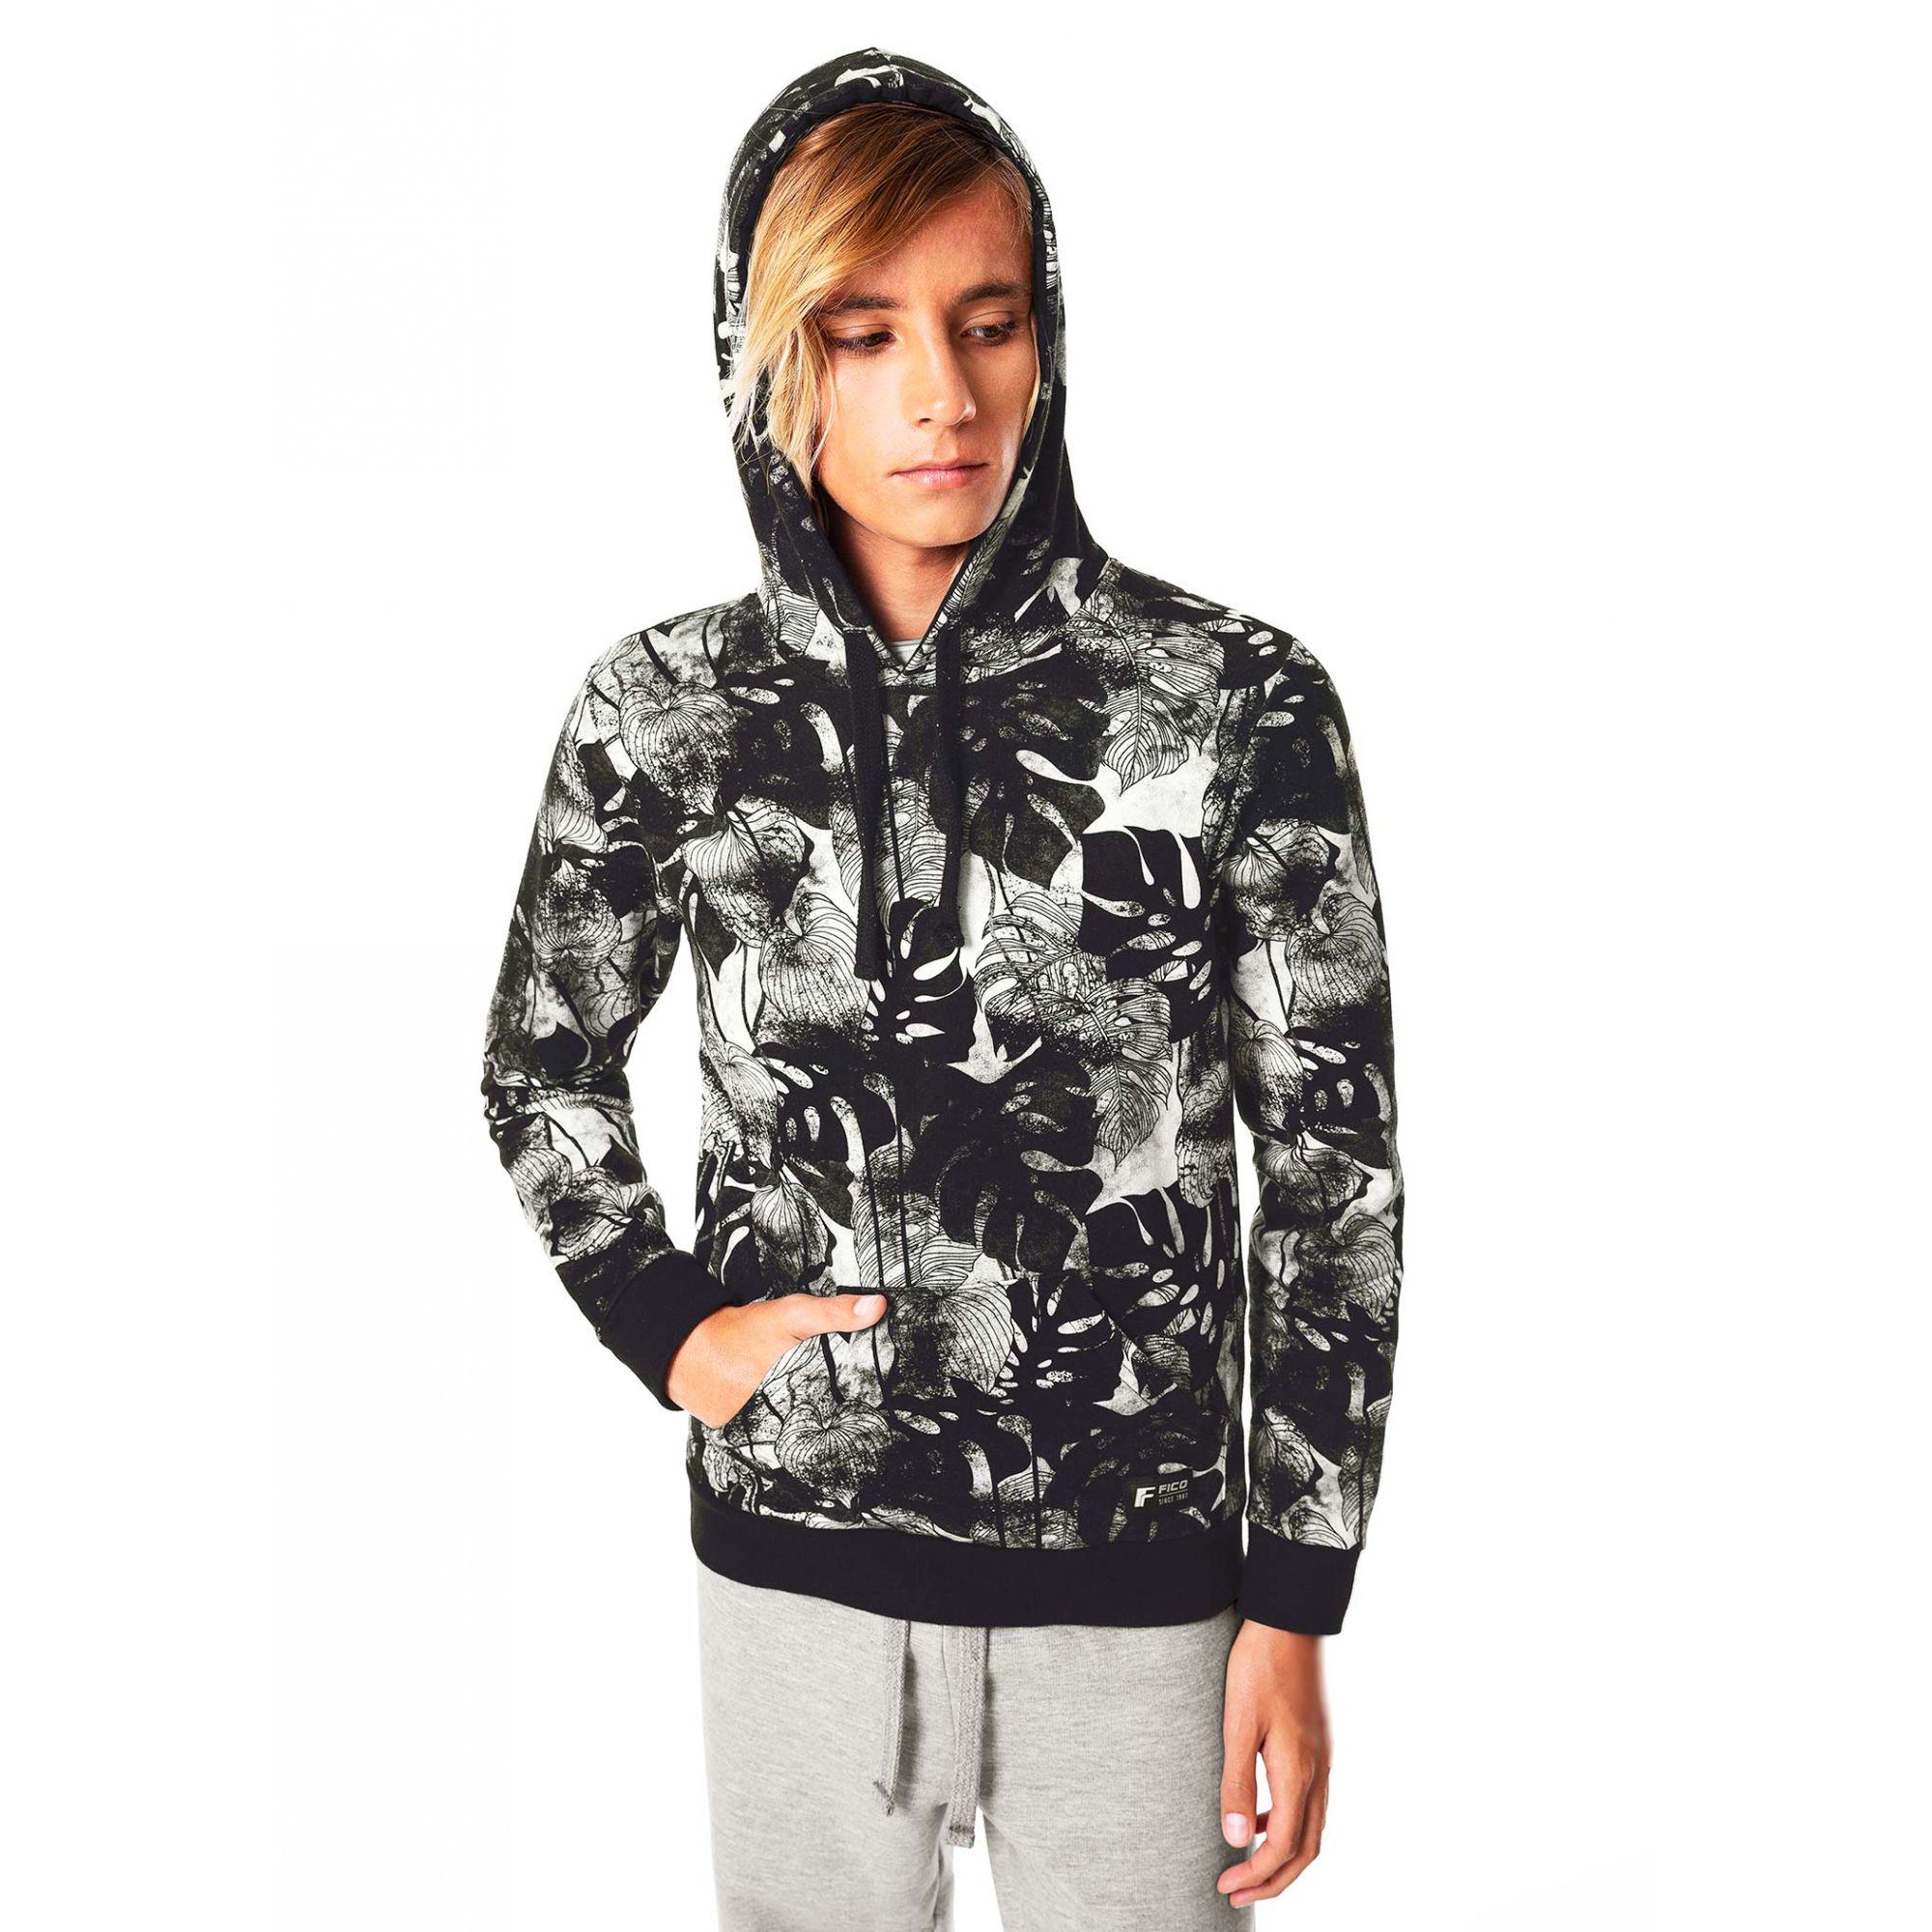 Jaqueta Blusão Infantil Masculino Inverno Preto Floral Fico